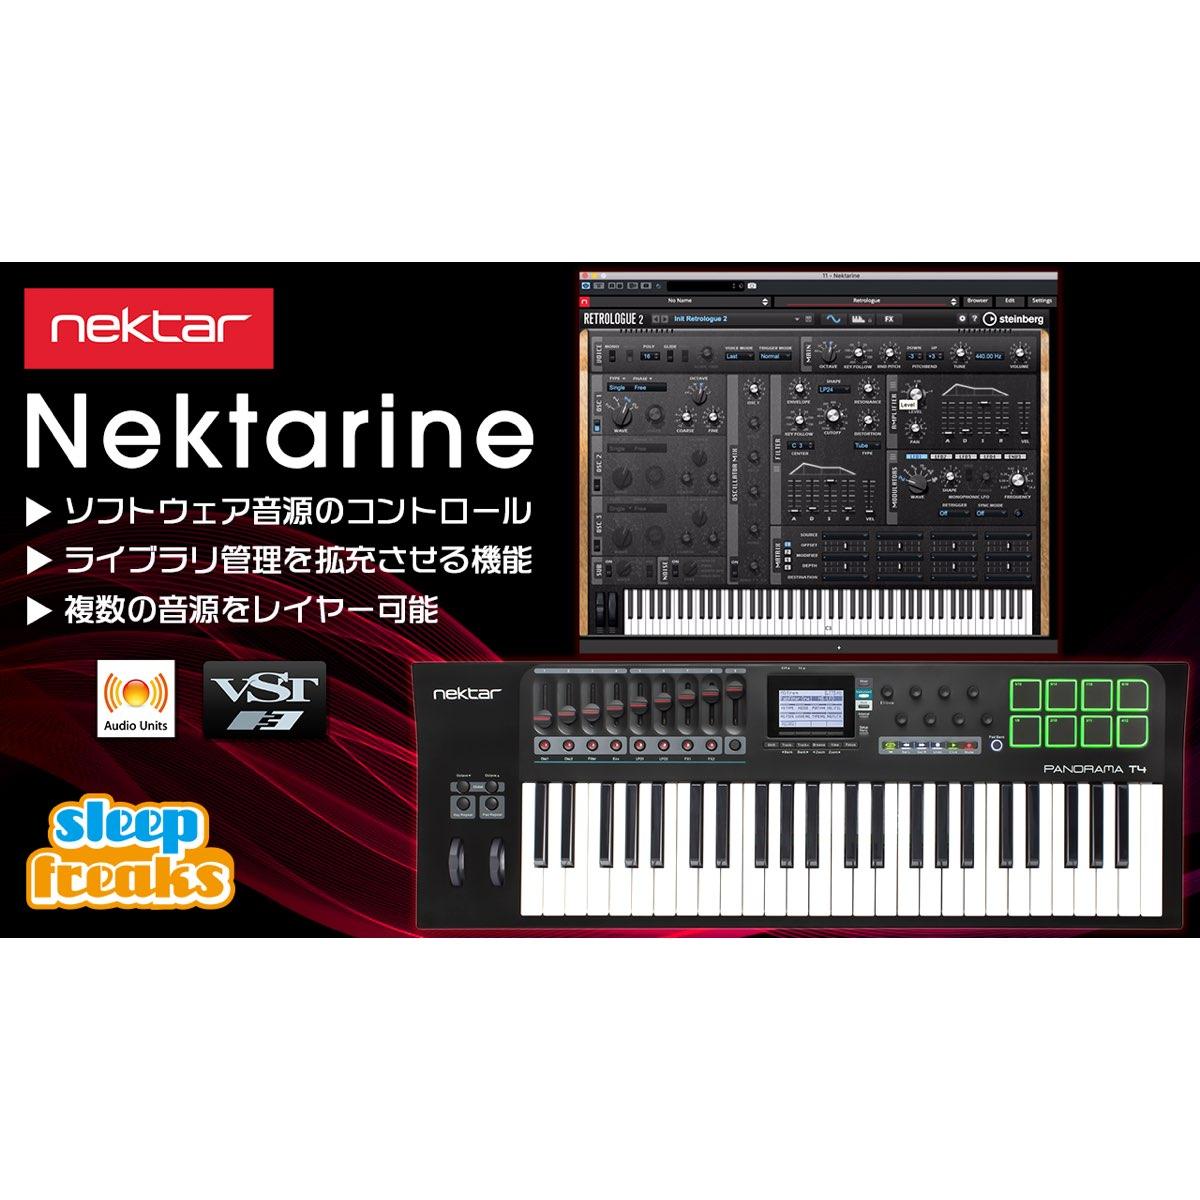 Nektar Panorama Tシリーズの使い方 ②  Nektarineとの連携